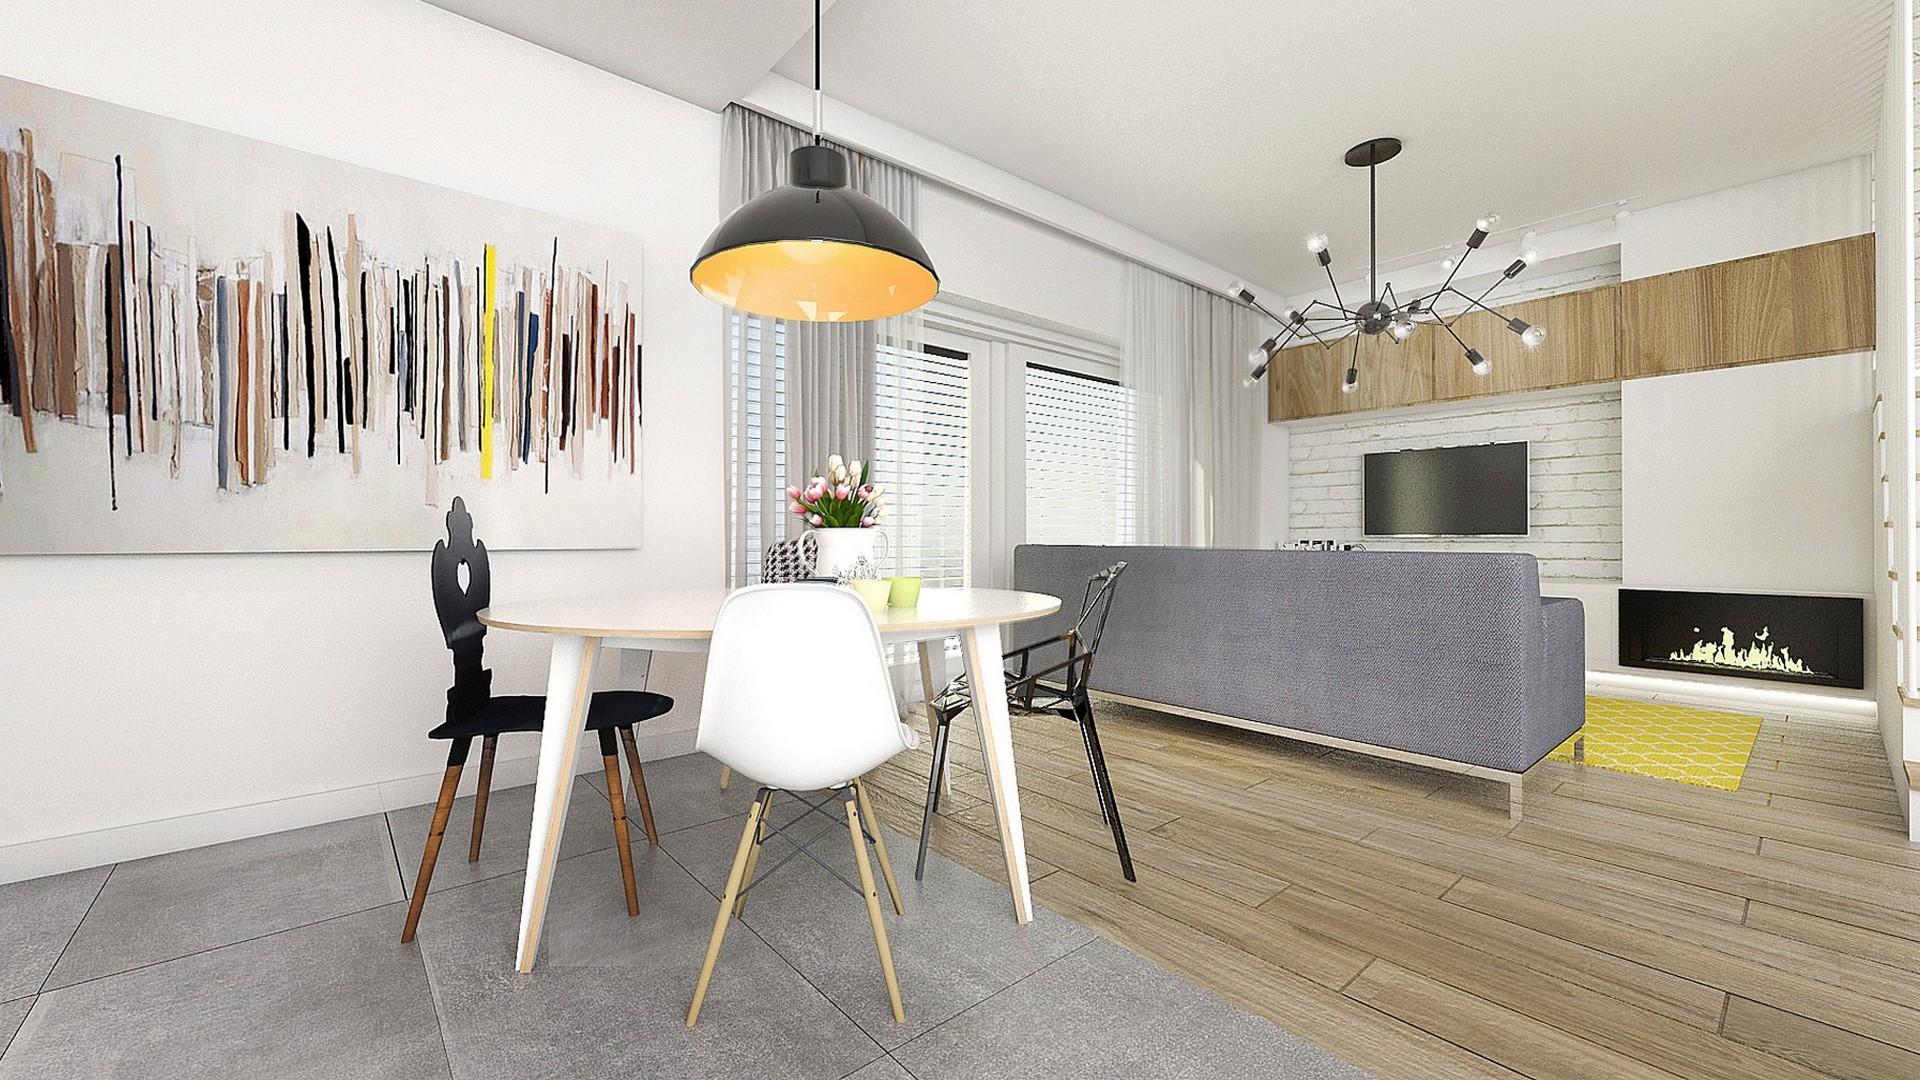 Tiuk Studio projekt salonu z kuchnią I parter domu jednorodzinnego I projektowanie wnętrz piekary śląskie I pro